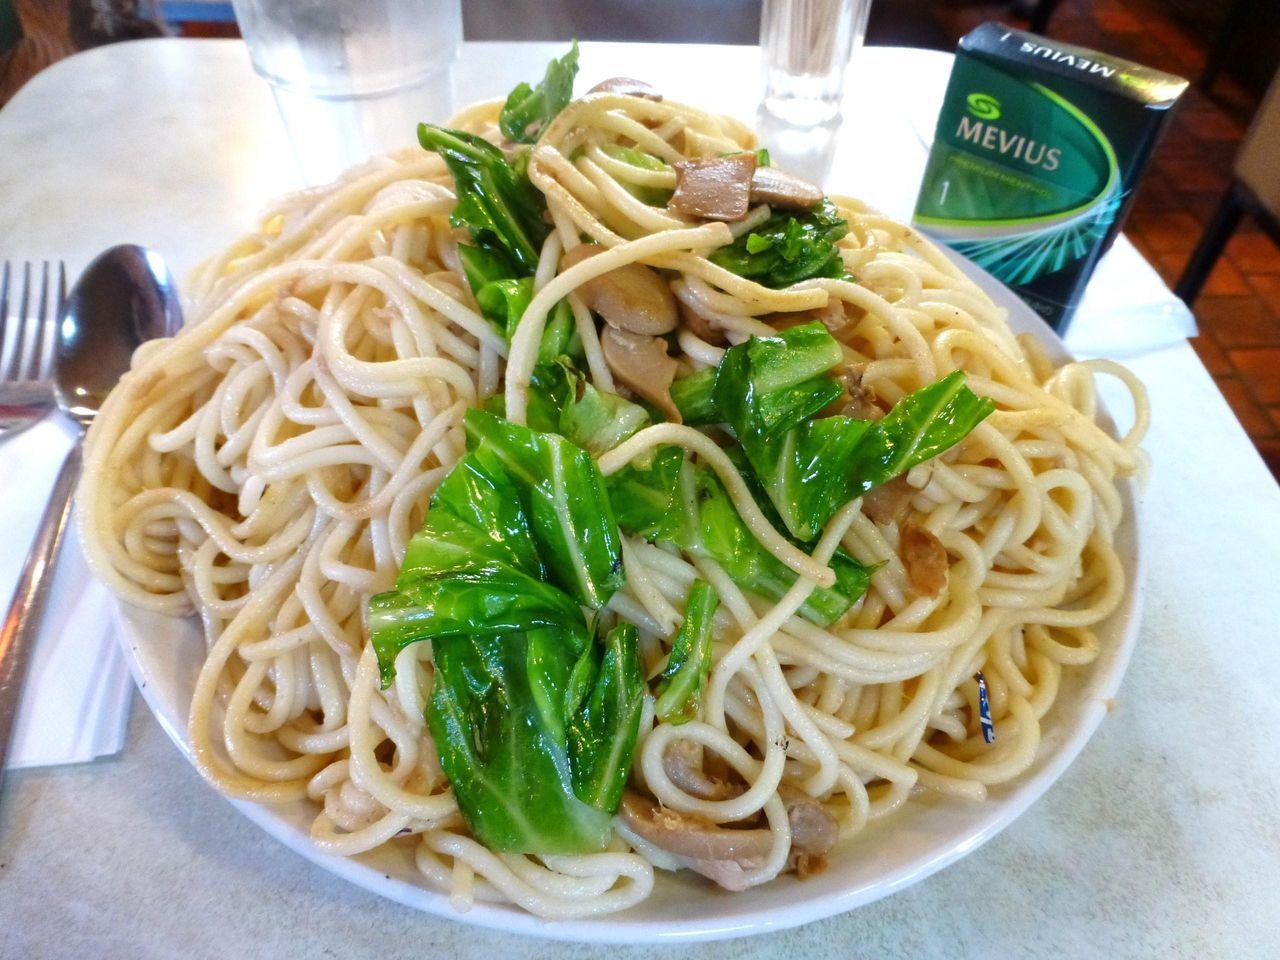 見るからに美味しそうな、和風スパゲティー大盛!